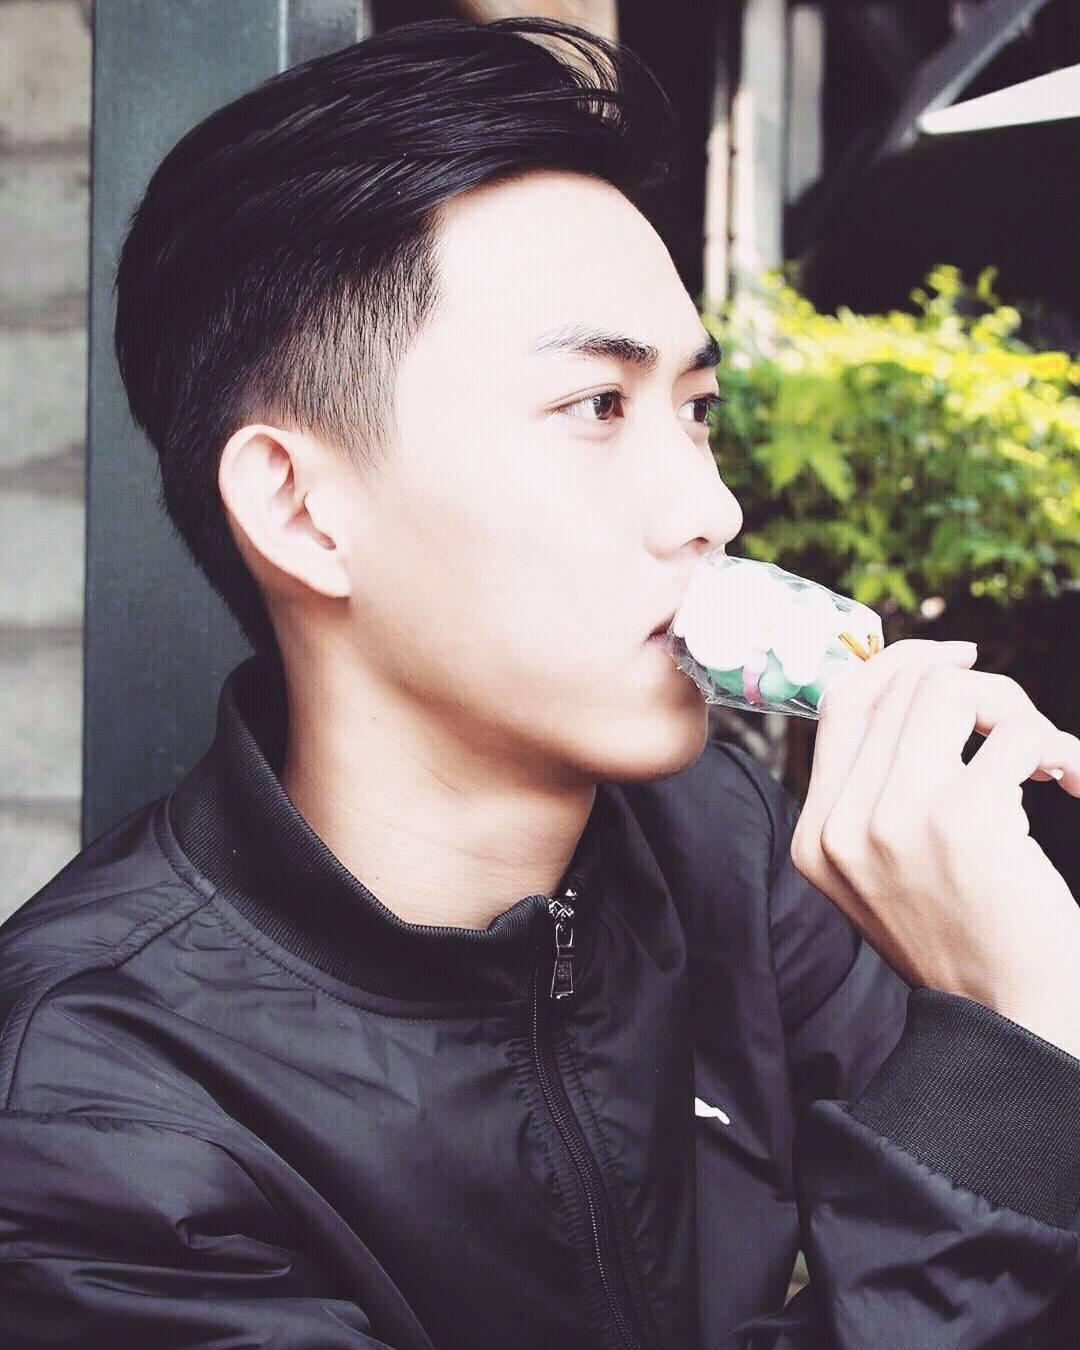 Ngoài học giỏi, anh chàng sinh năm 1999 Khánh Duy còn có khá nhiều tài lẻ